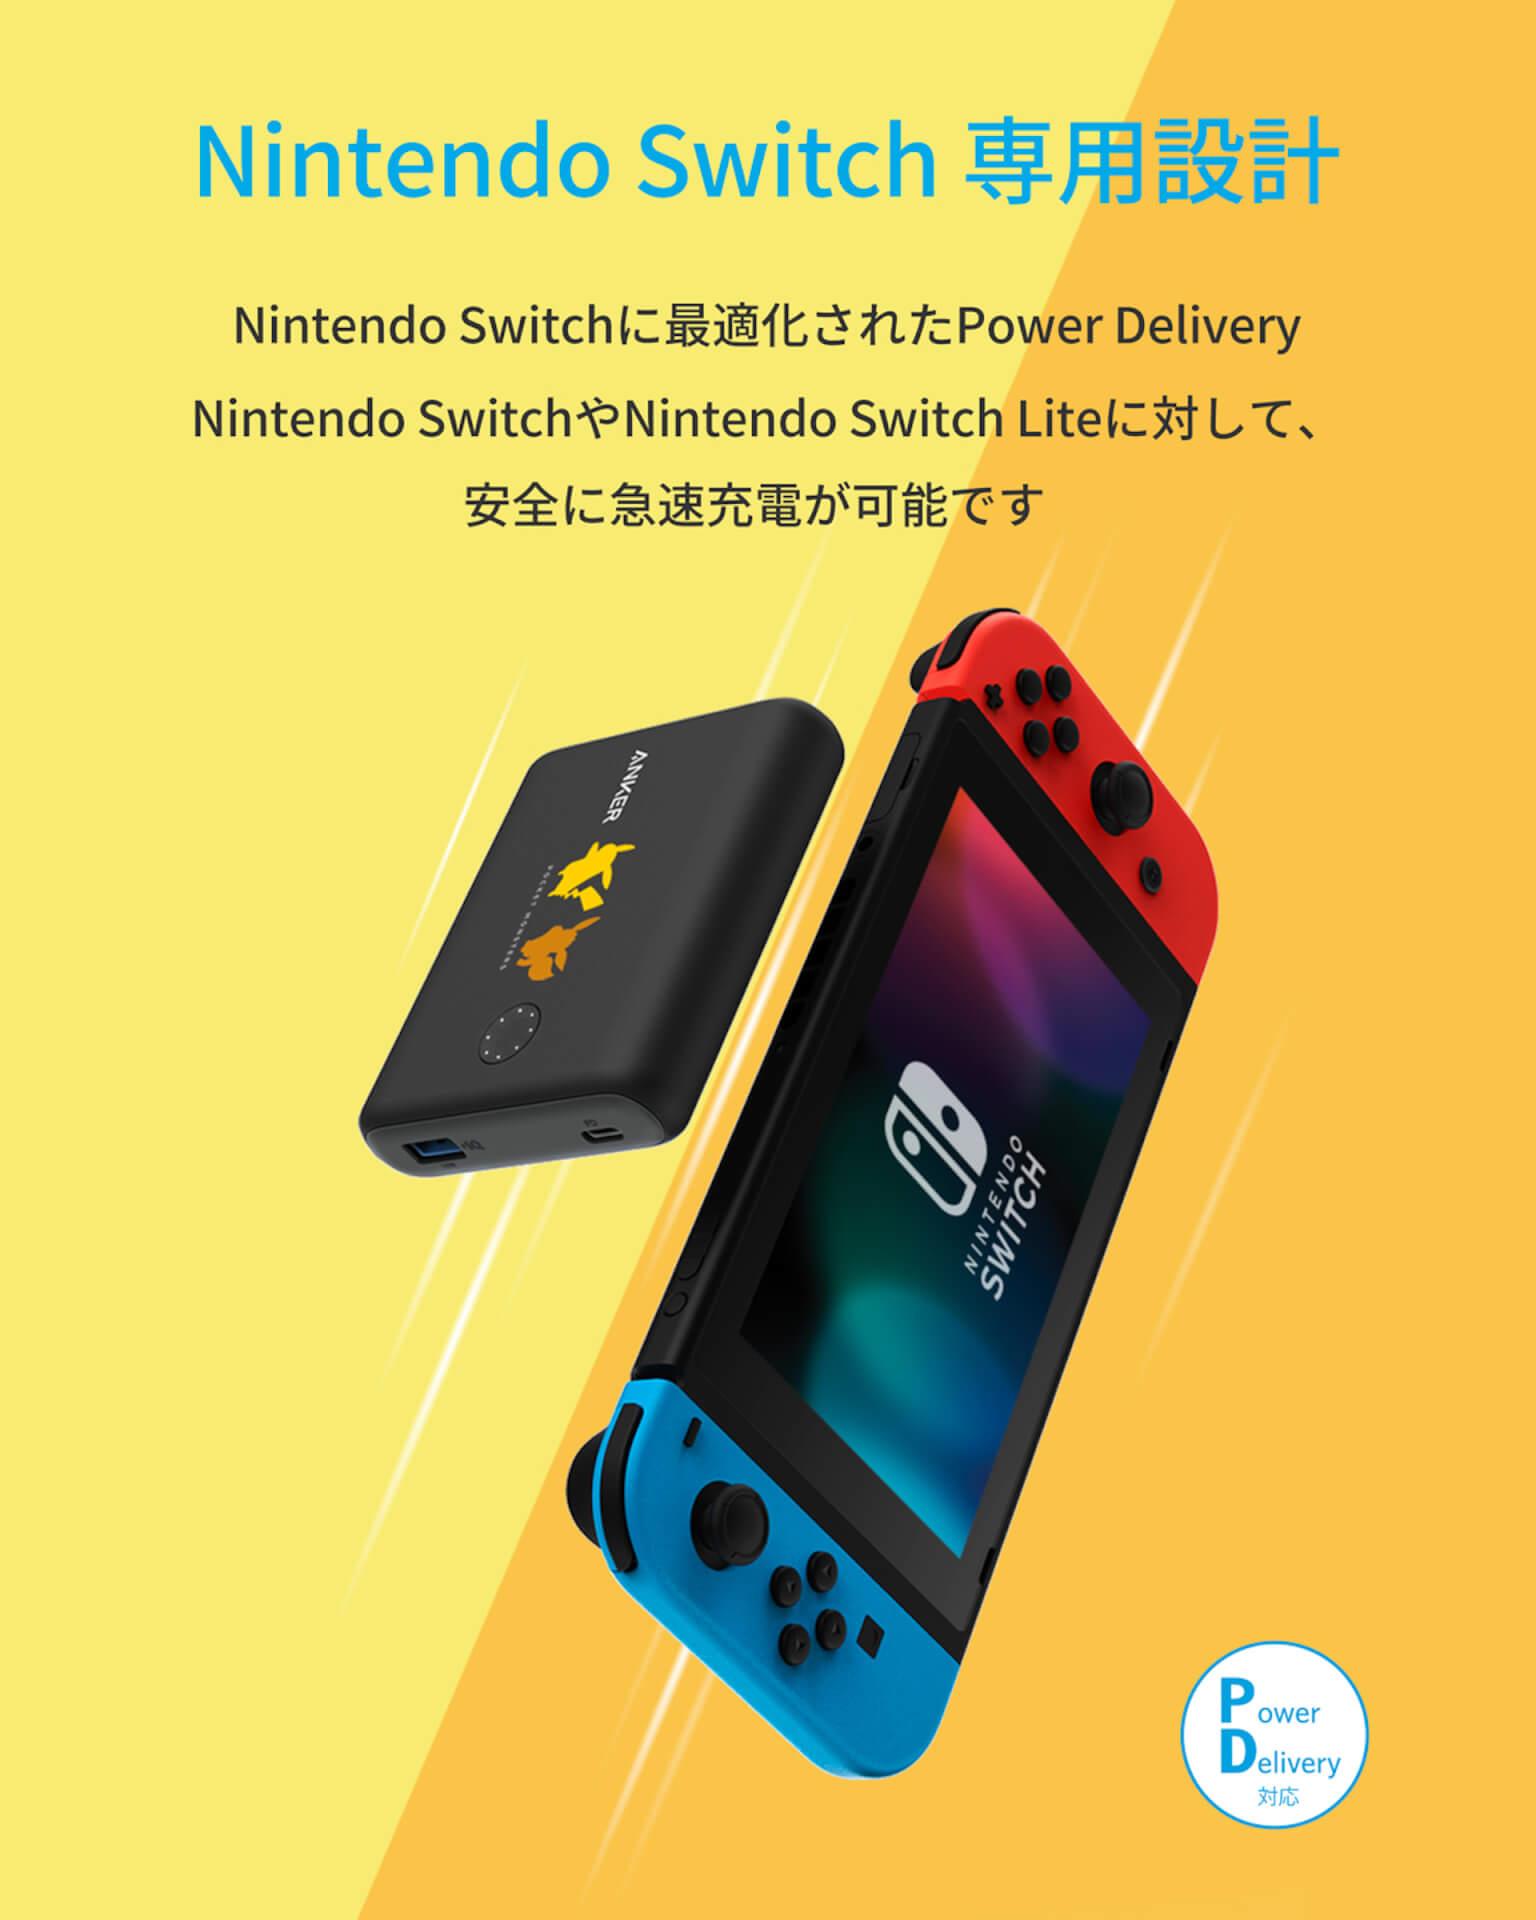 ポケモンがAnker充電器に!Nintendo Switch対応の大容量バッテリー「Anker PowerCore 13400 Pokémon Limited Edition」が登場 tech_191114_ankerxpokemon_6